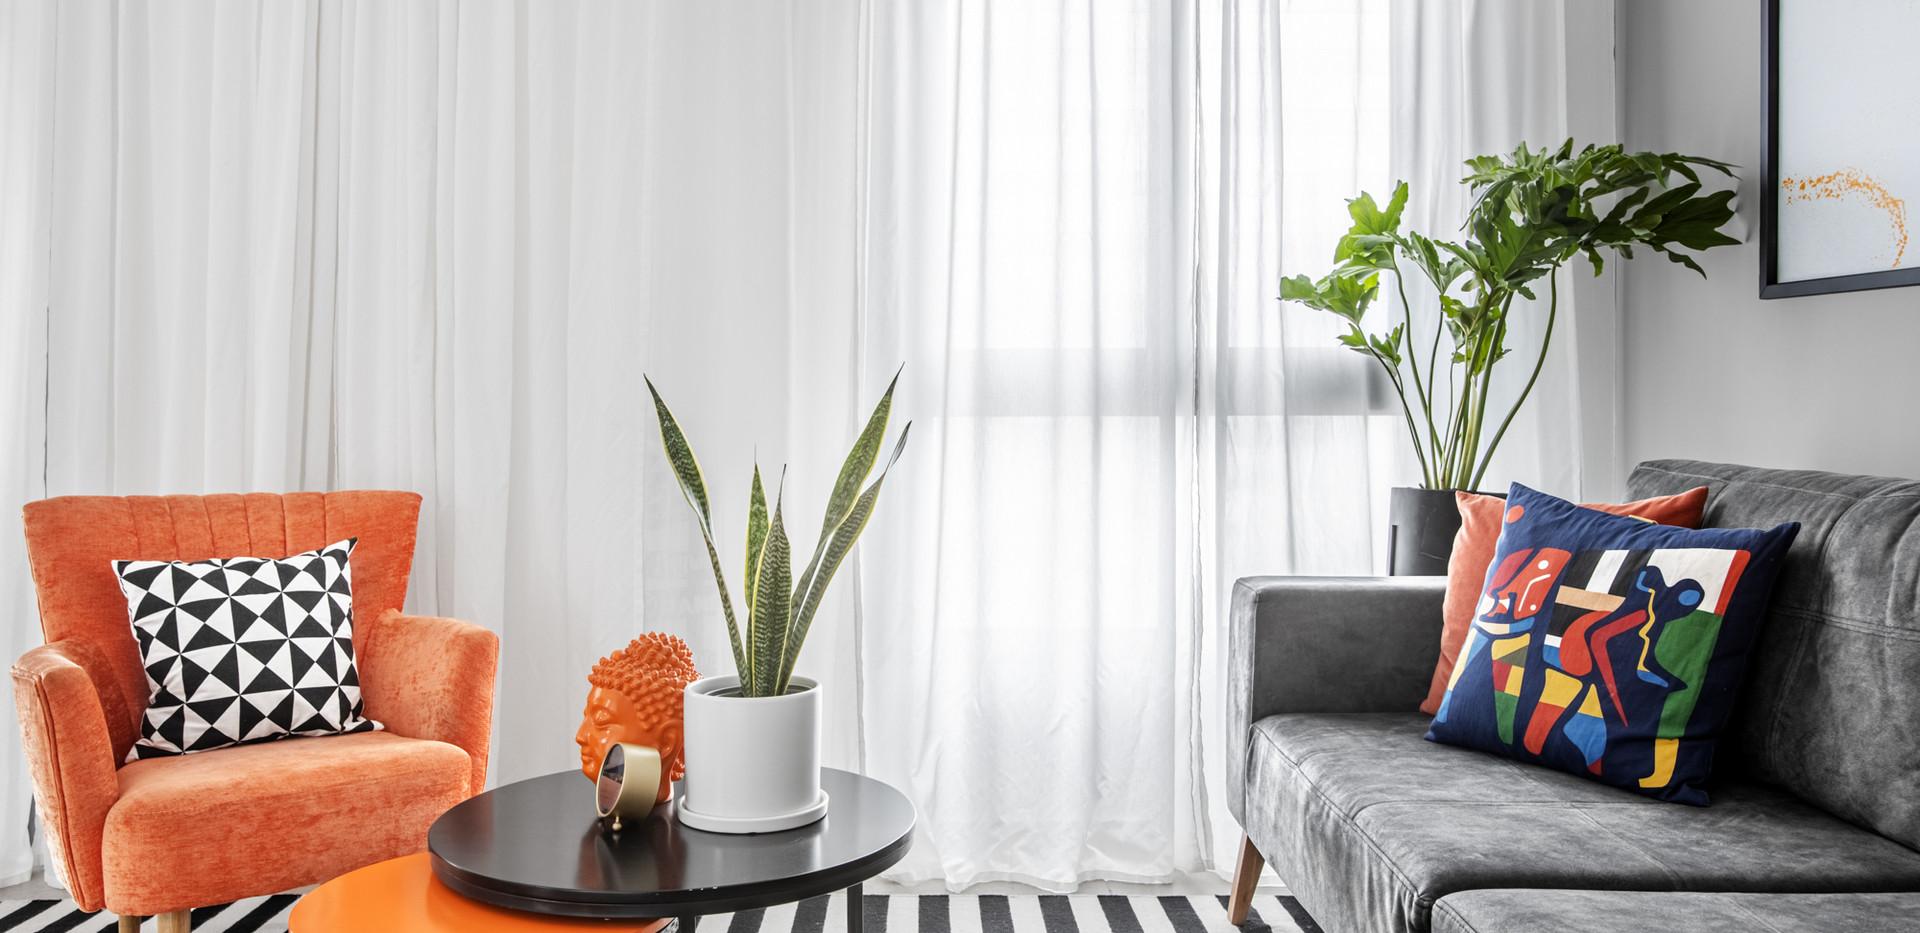 הום סטיילינג לסלון עם רהיטים קיימים